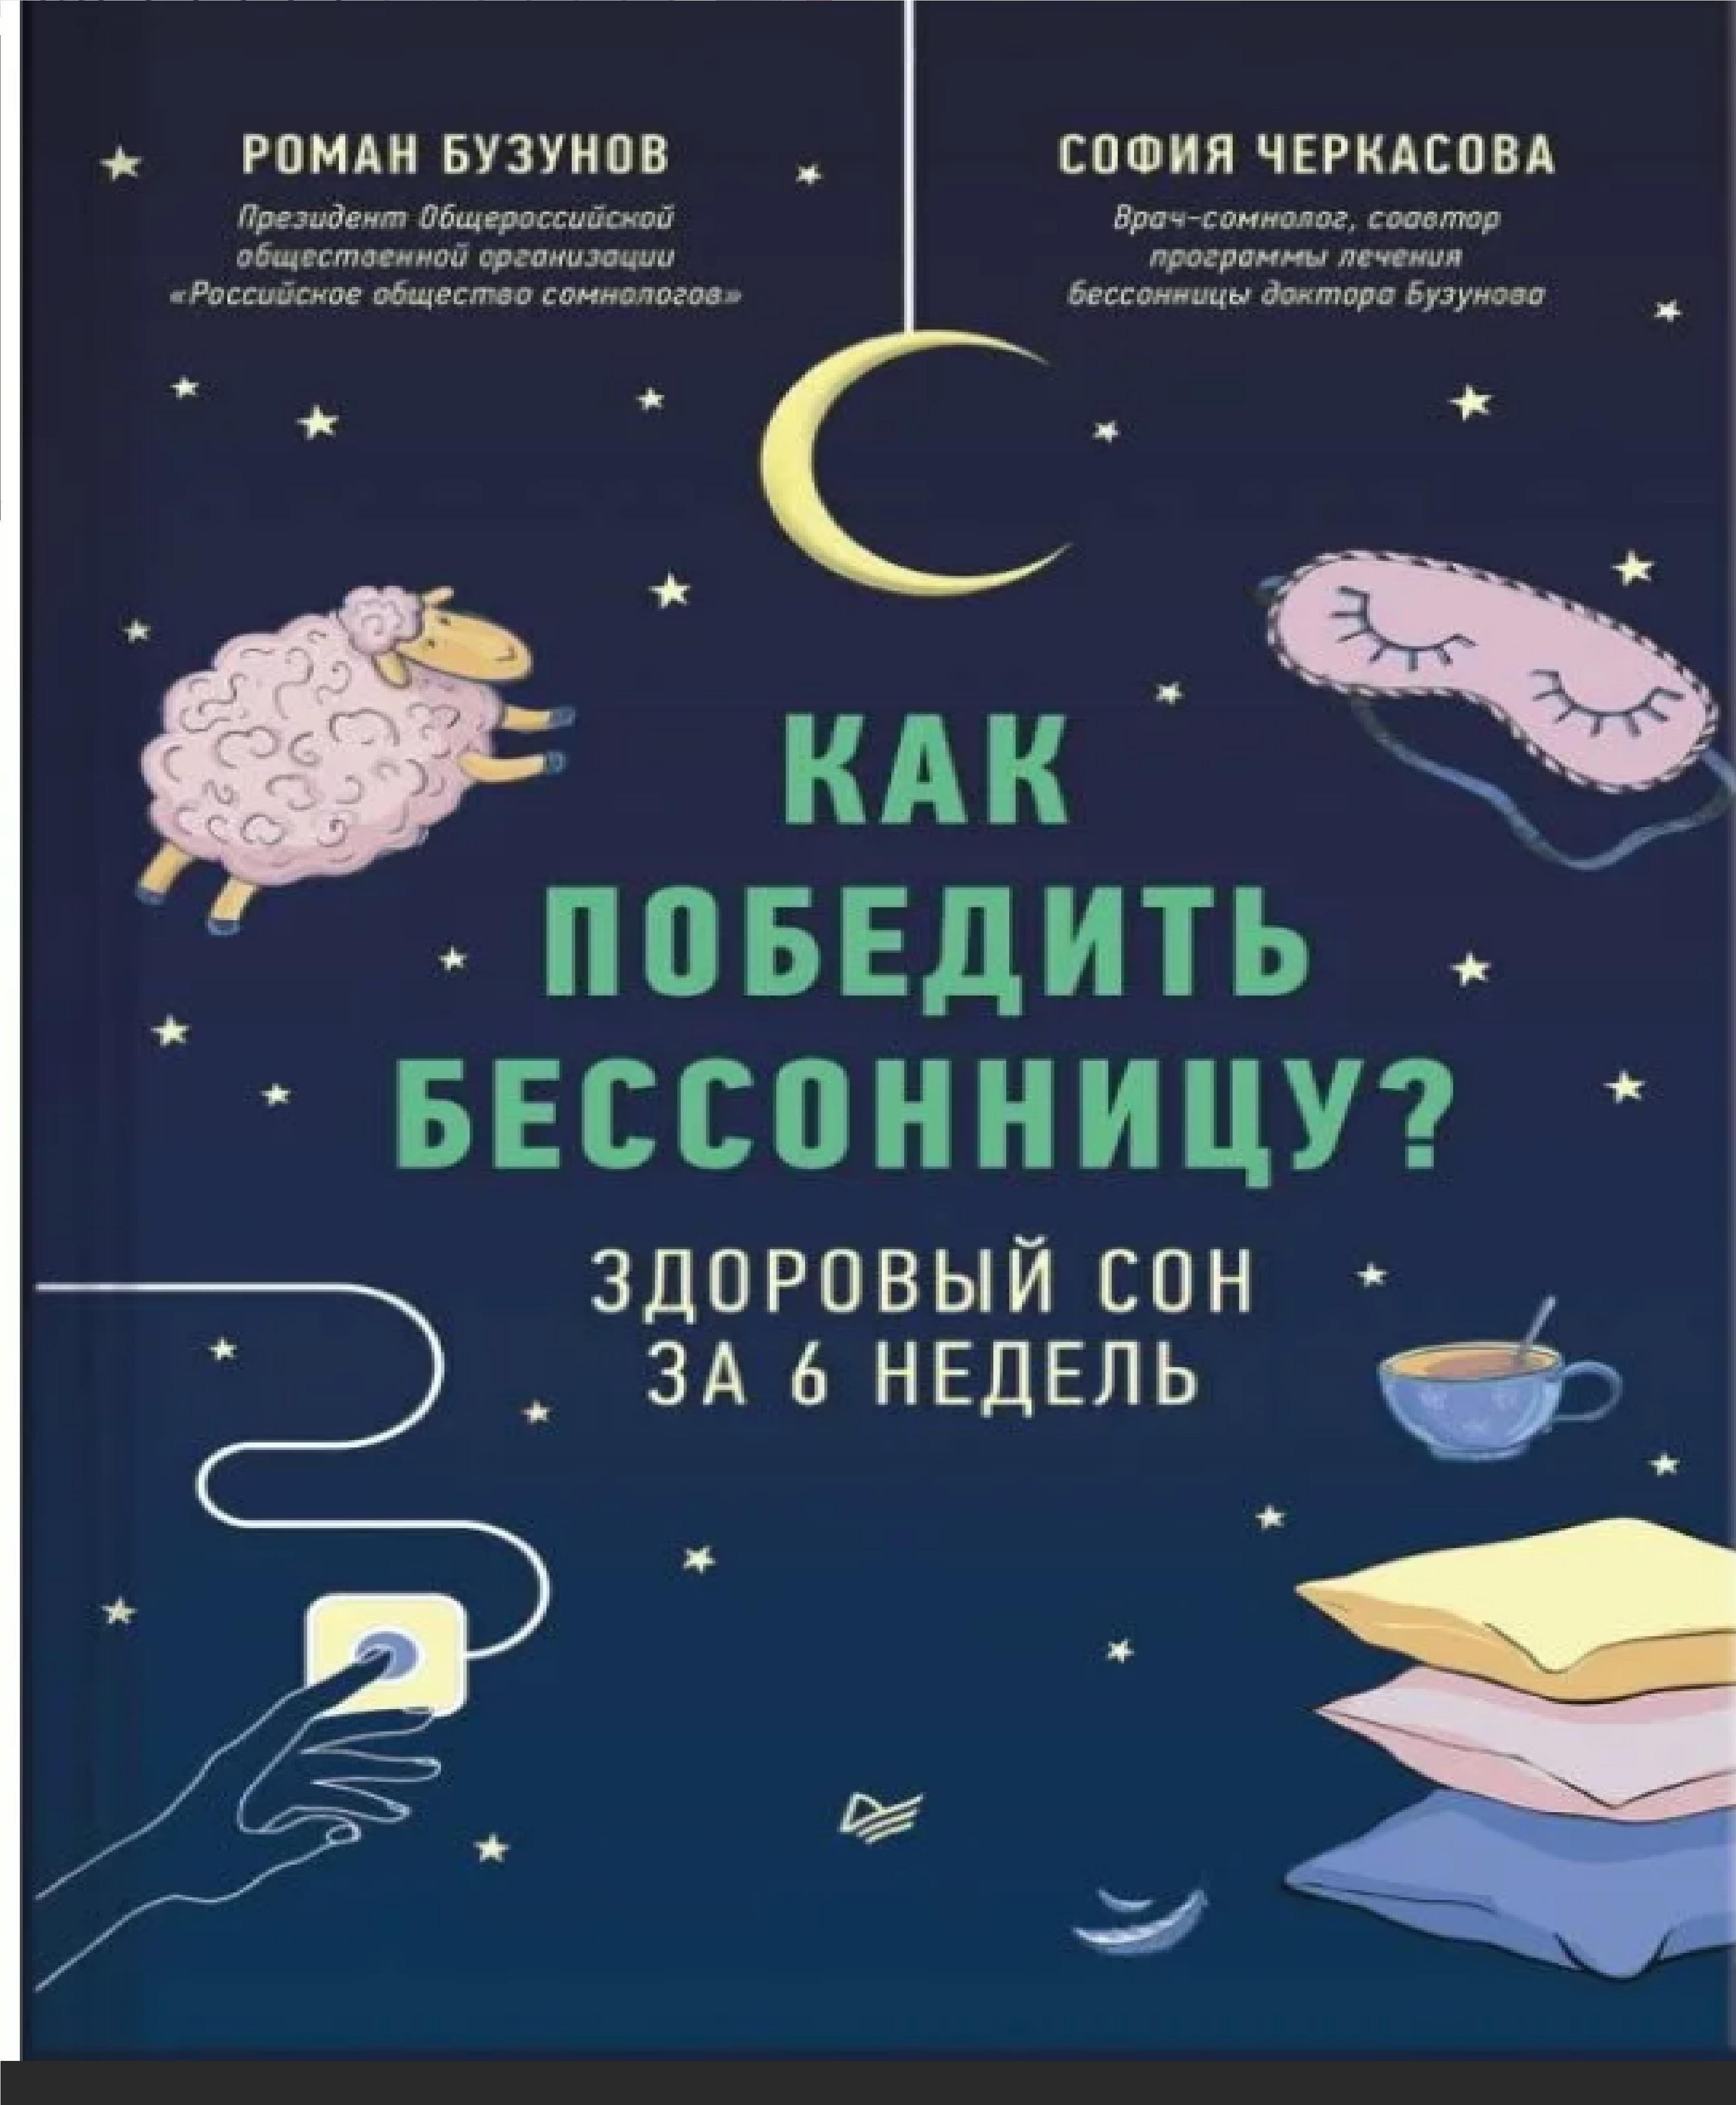 Как победить бессонницу? Здоровый сон за 6 недель ISBN 978-5-4461-1568-6